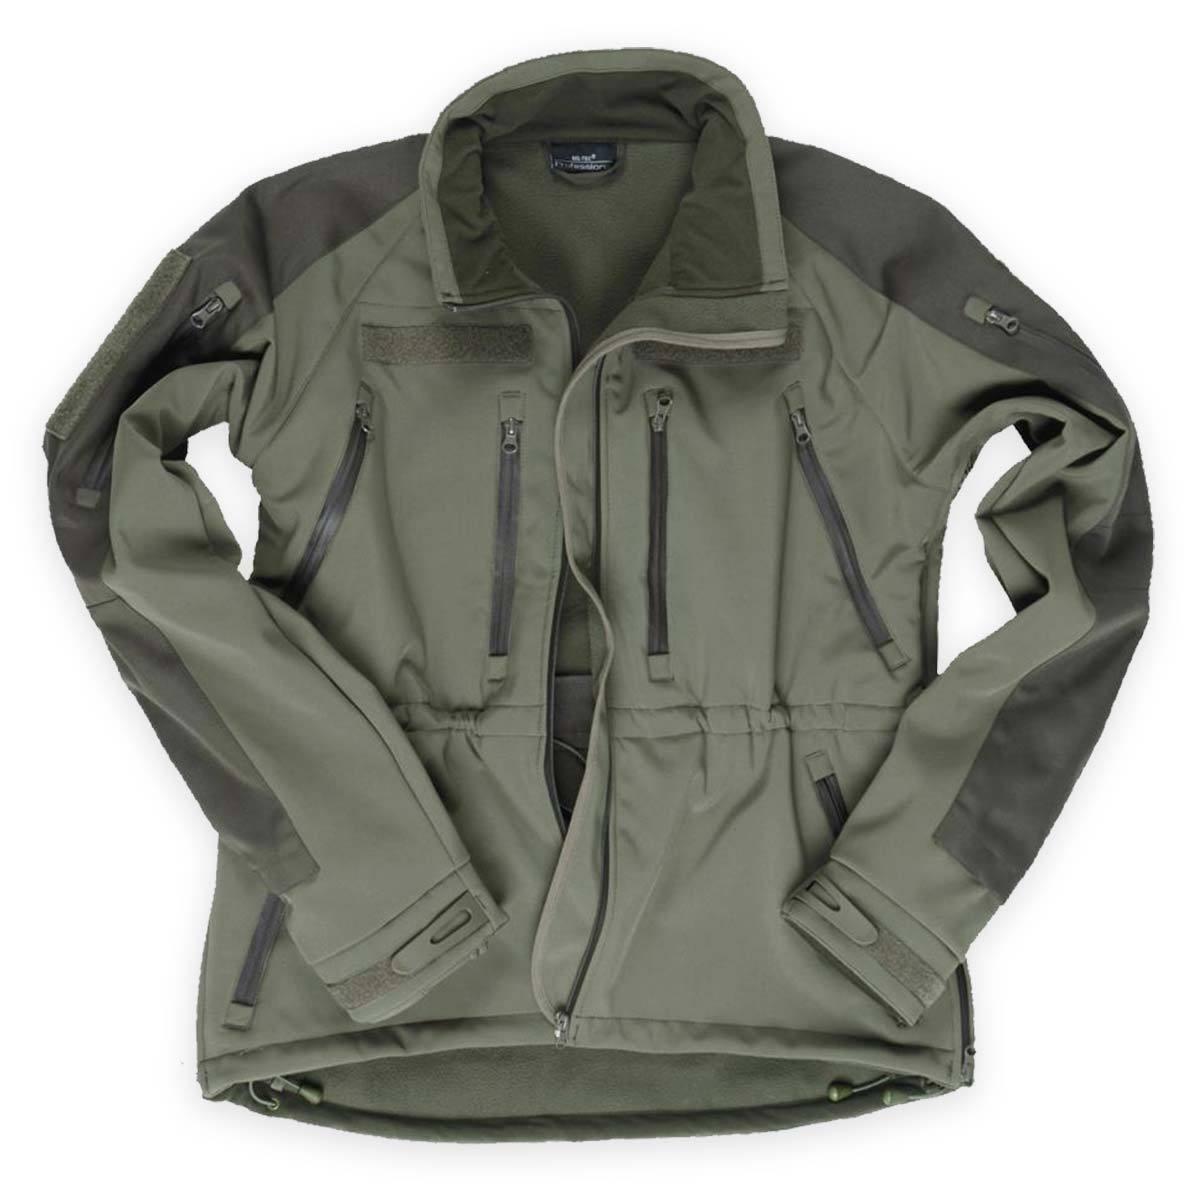 Da Uomo Tattico Giacca Softshell Militare Esercito Impermeabile MIL-SPEC cappotto verde